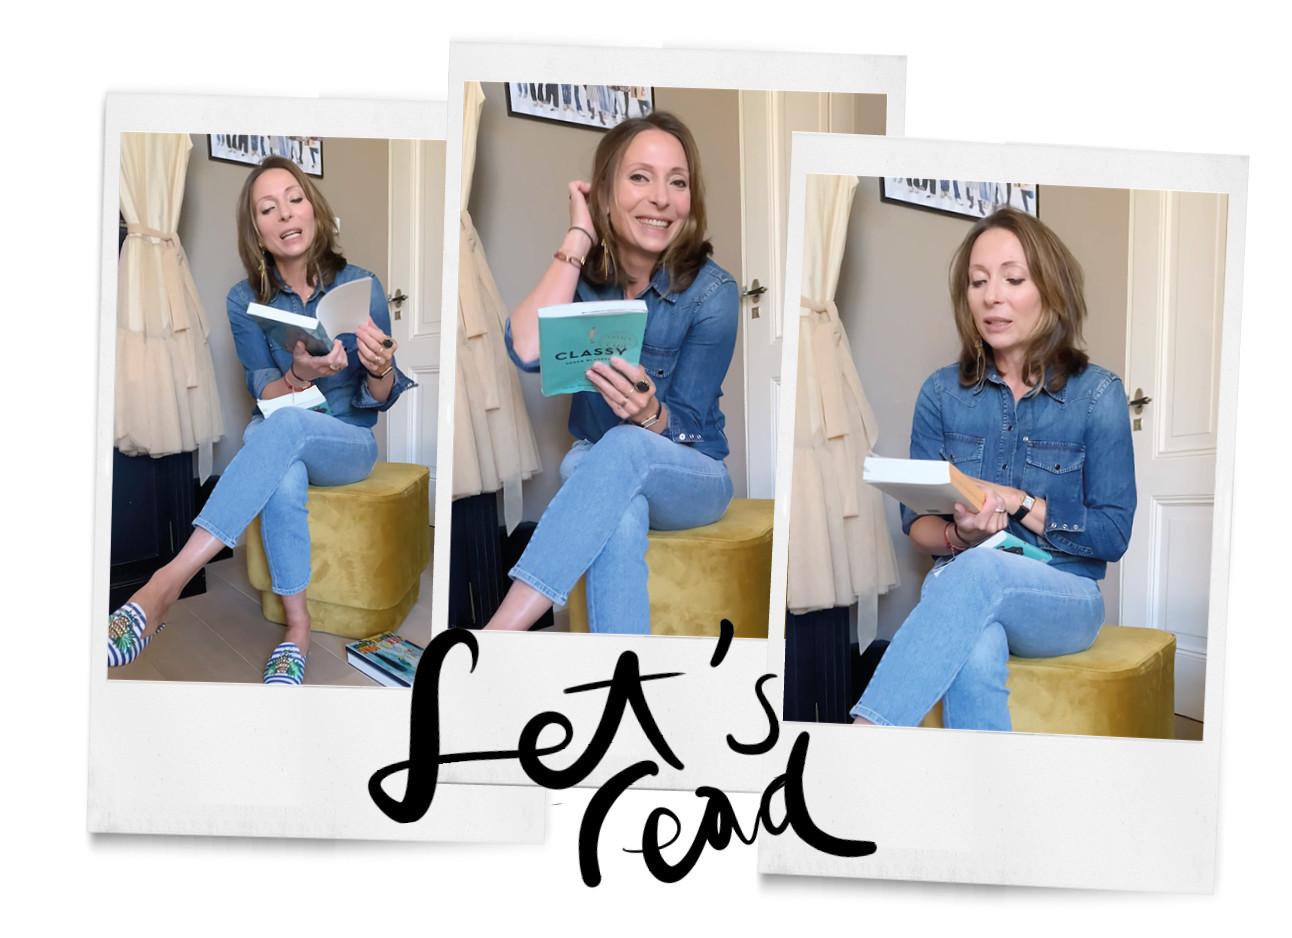 May in de video met boekentips in een jeans thuis